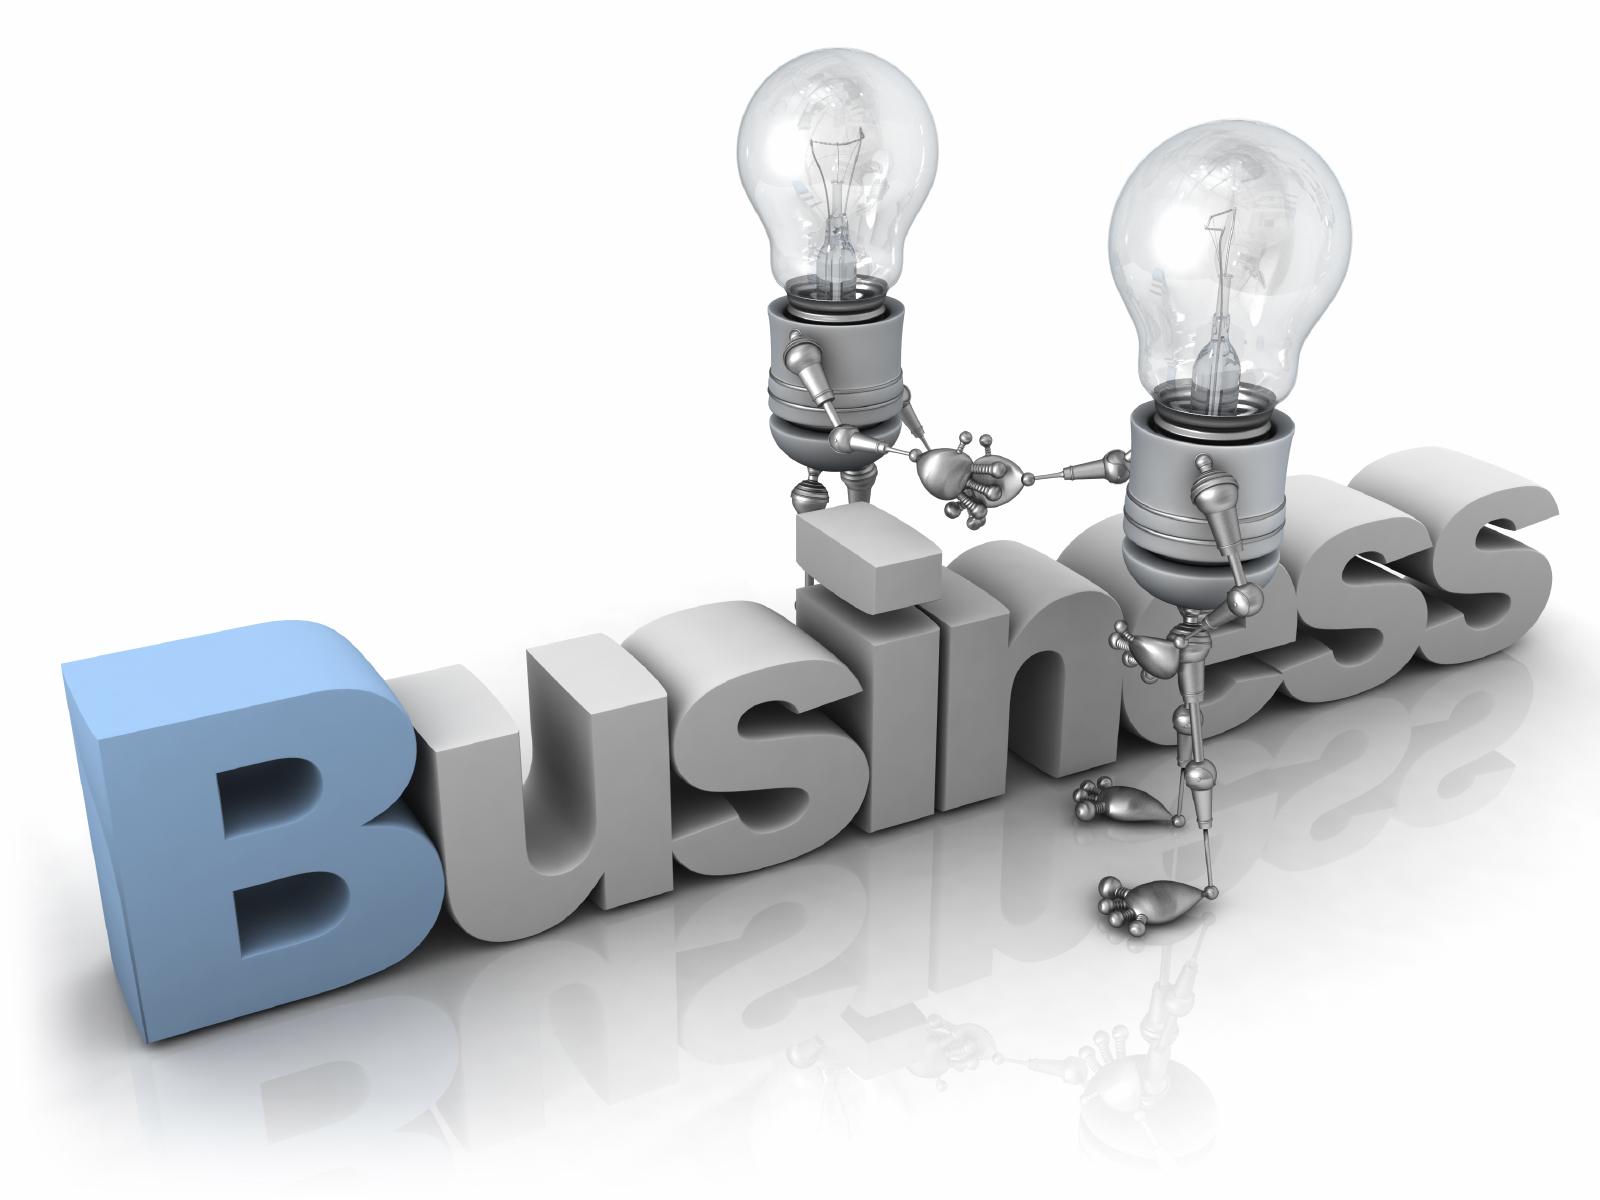 Business & Entrepreneurship Session 16